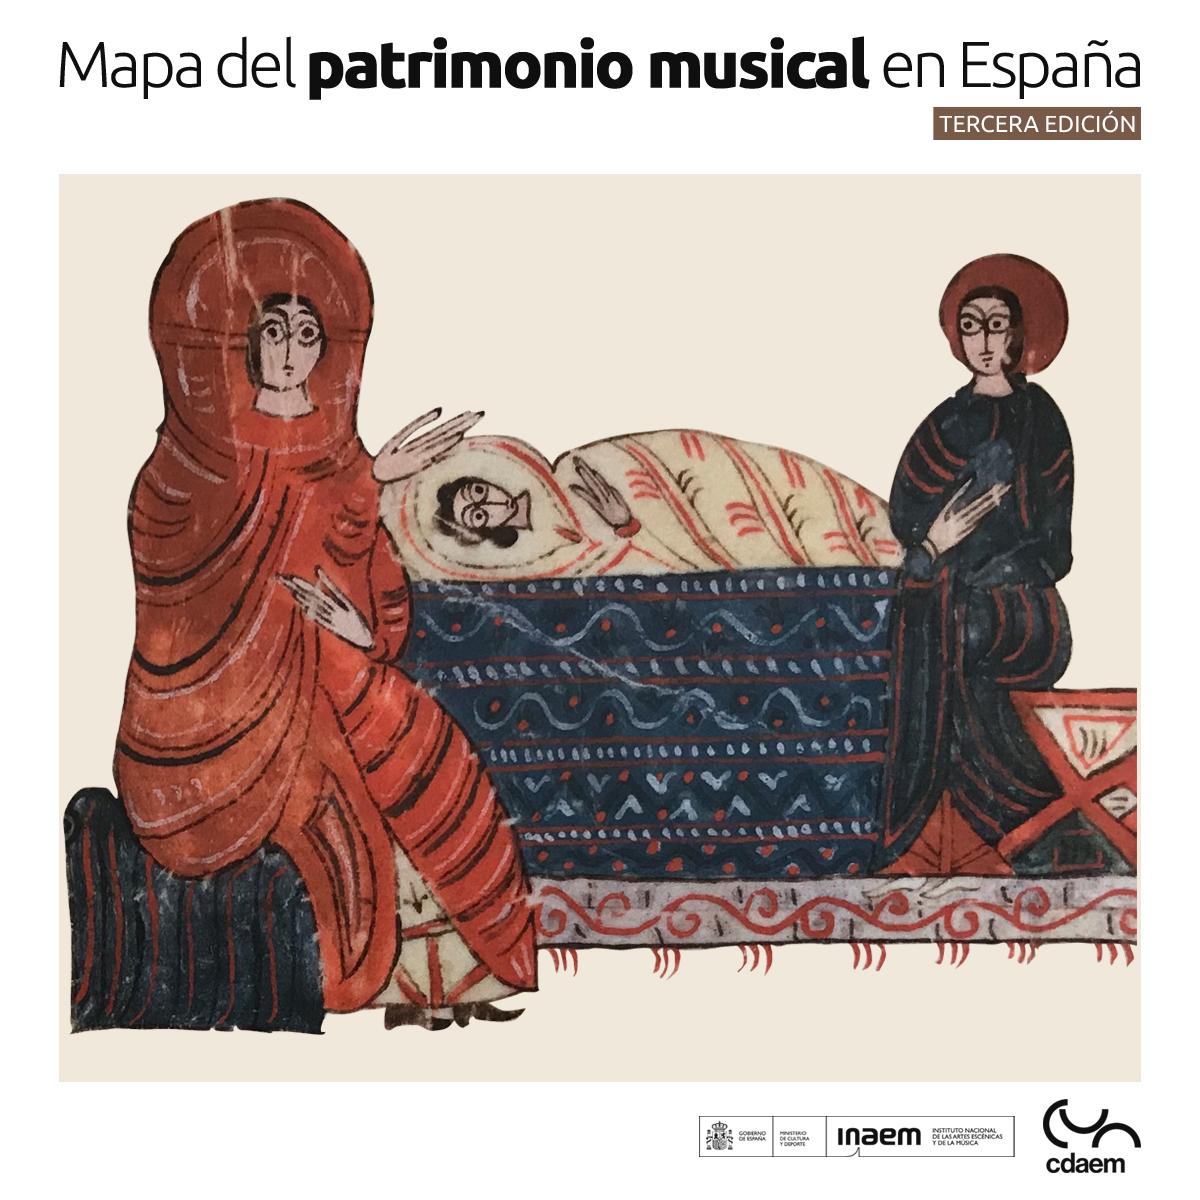 Nueva edición del Mapa del Patrimonio Musical en España